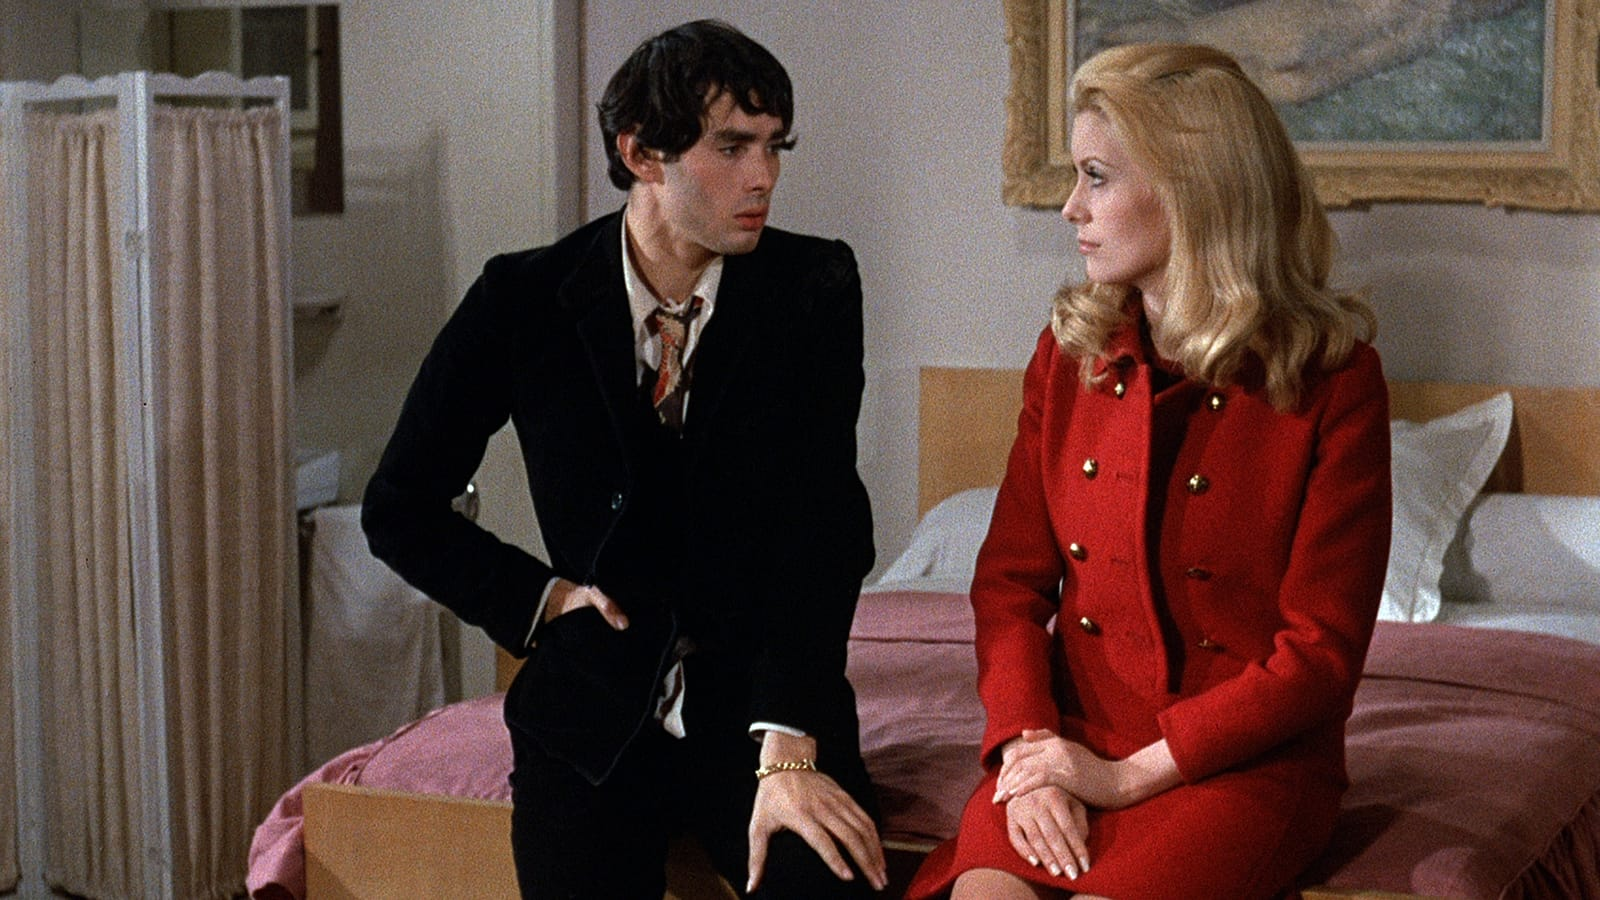 Belle de jour (1967) - The Criterion Collection